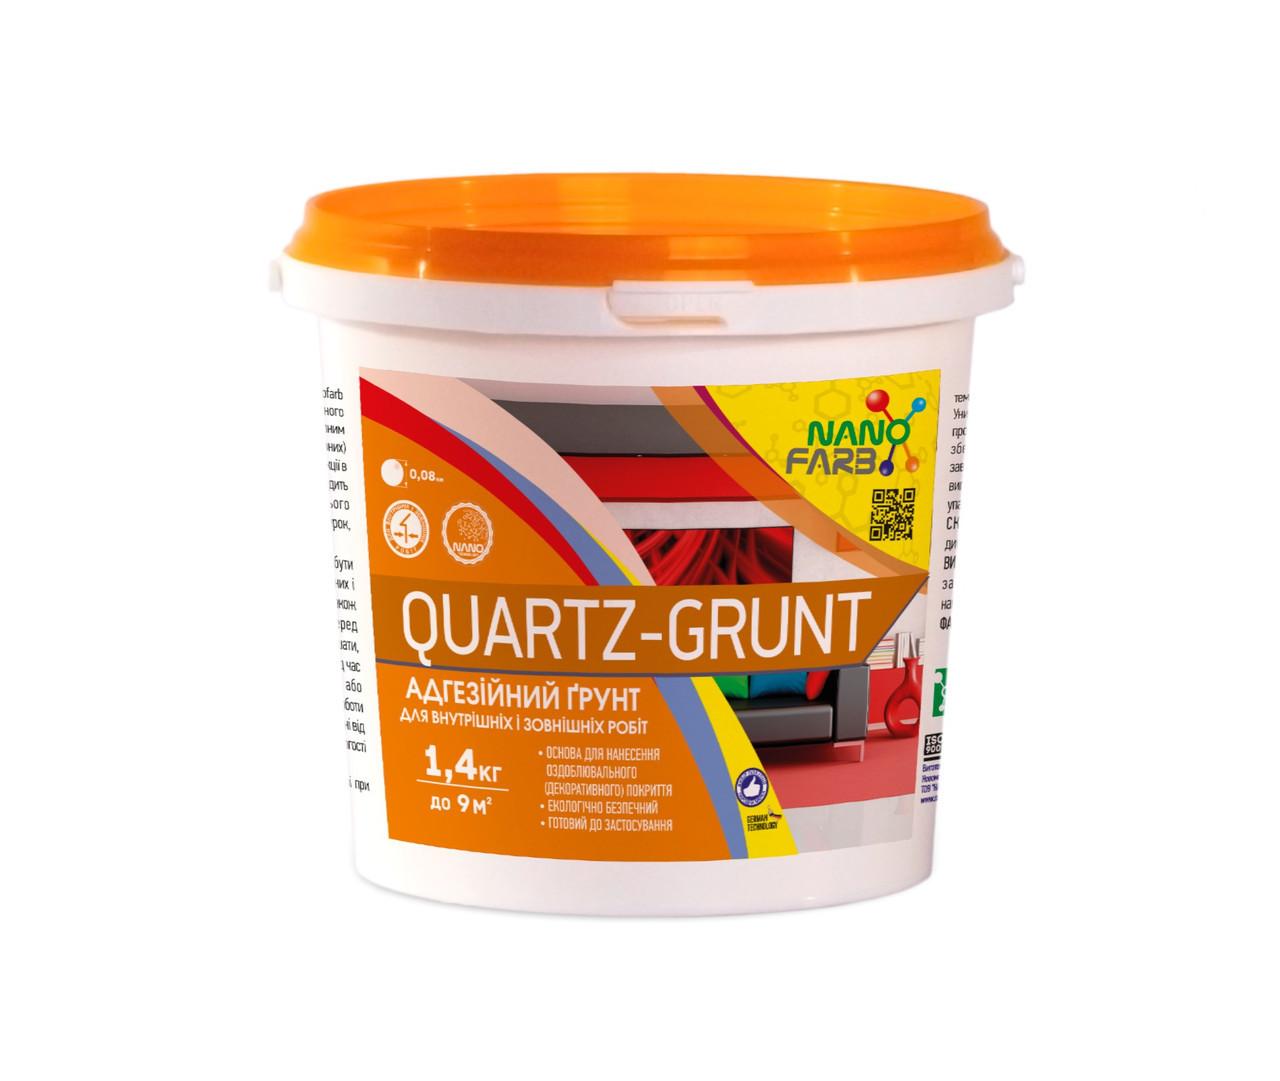 Адгезионная грунтовка универсальная Quartz-grunt Nano farb 1.4 кг